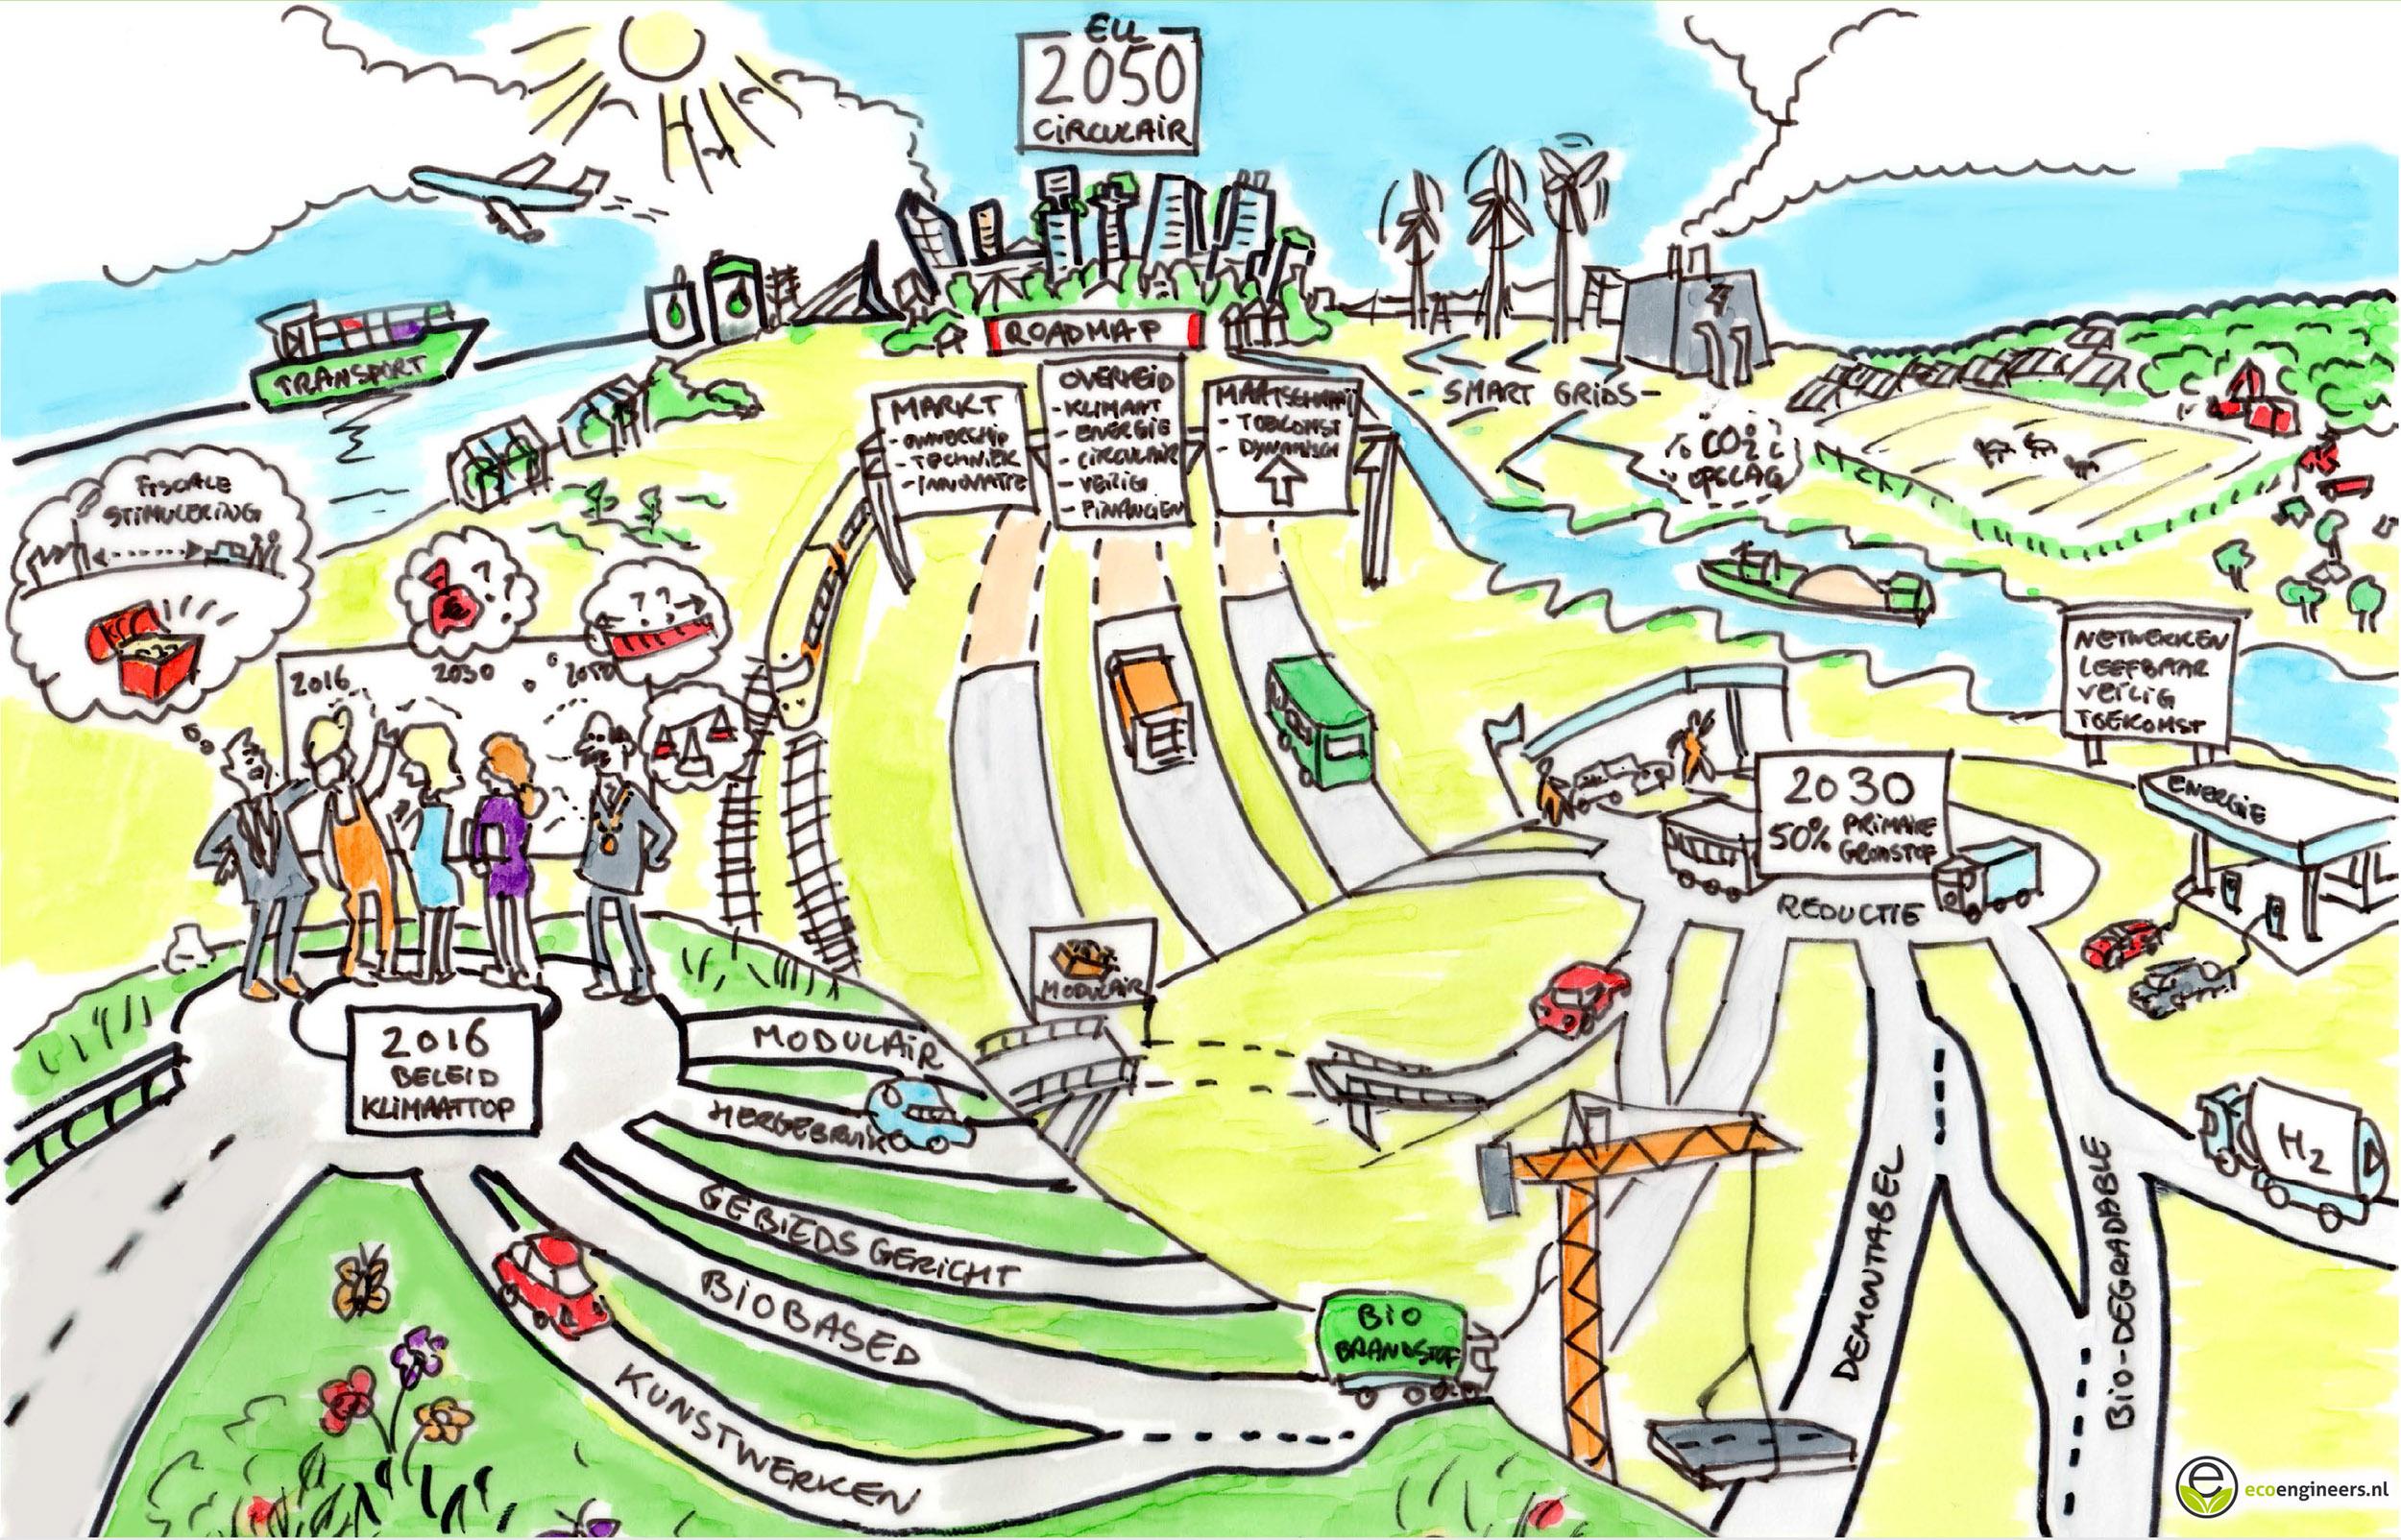 Circulair Ontwerpen RWS roadmap 2050